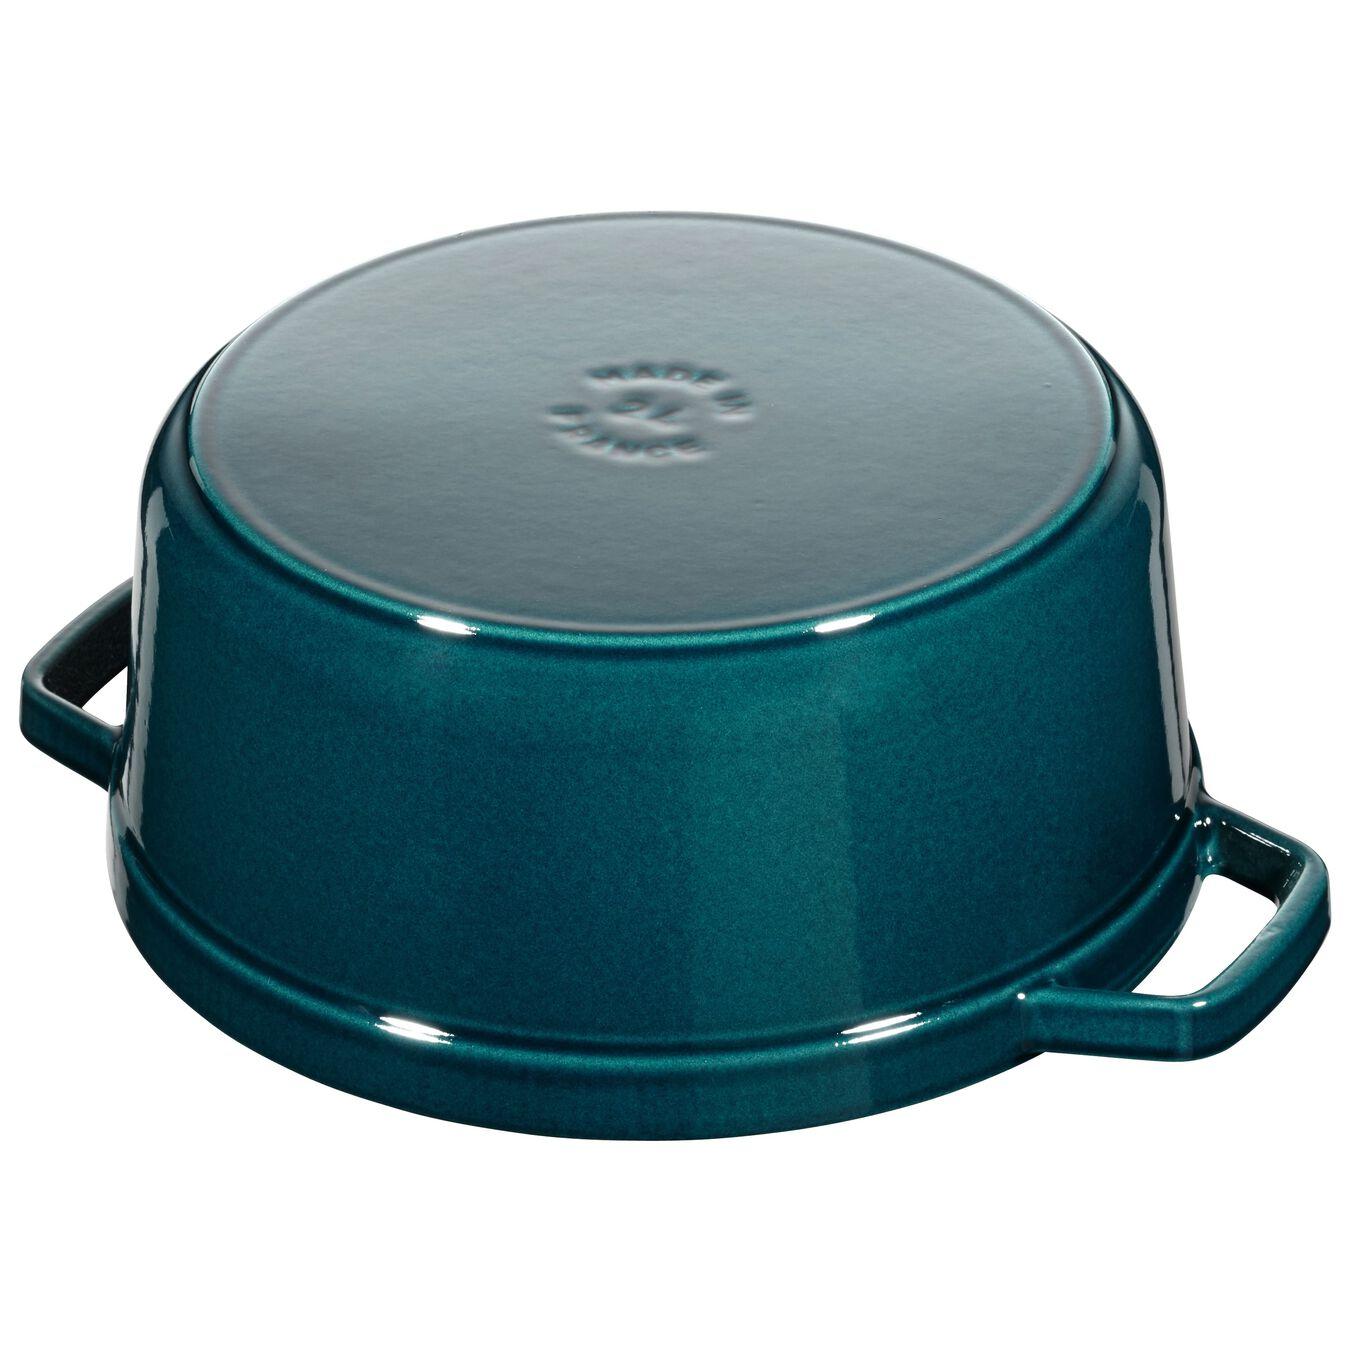 Cocotte en fonte 24 cm / 3,8 l, Rond, Blue La-Mer,,large 3